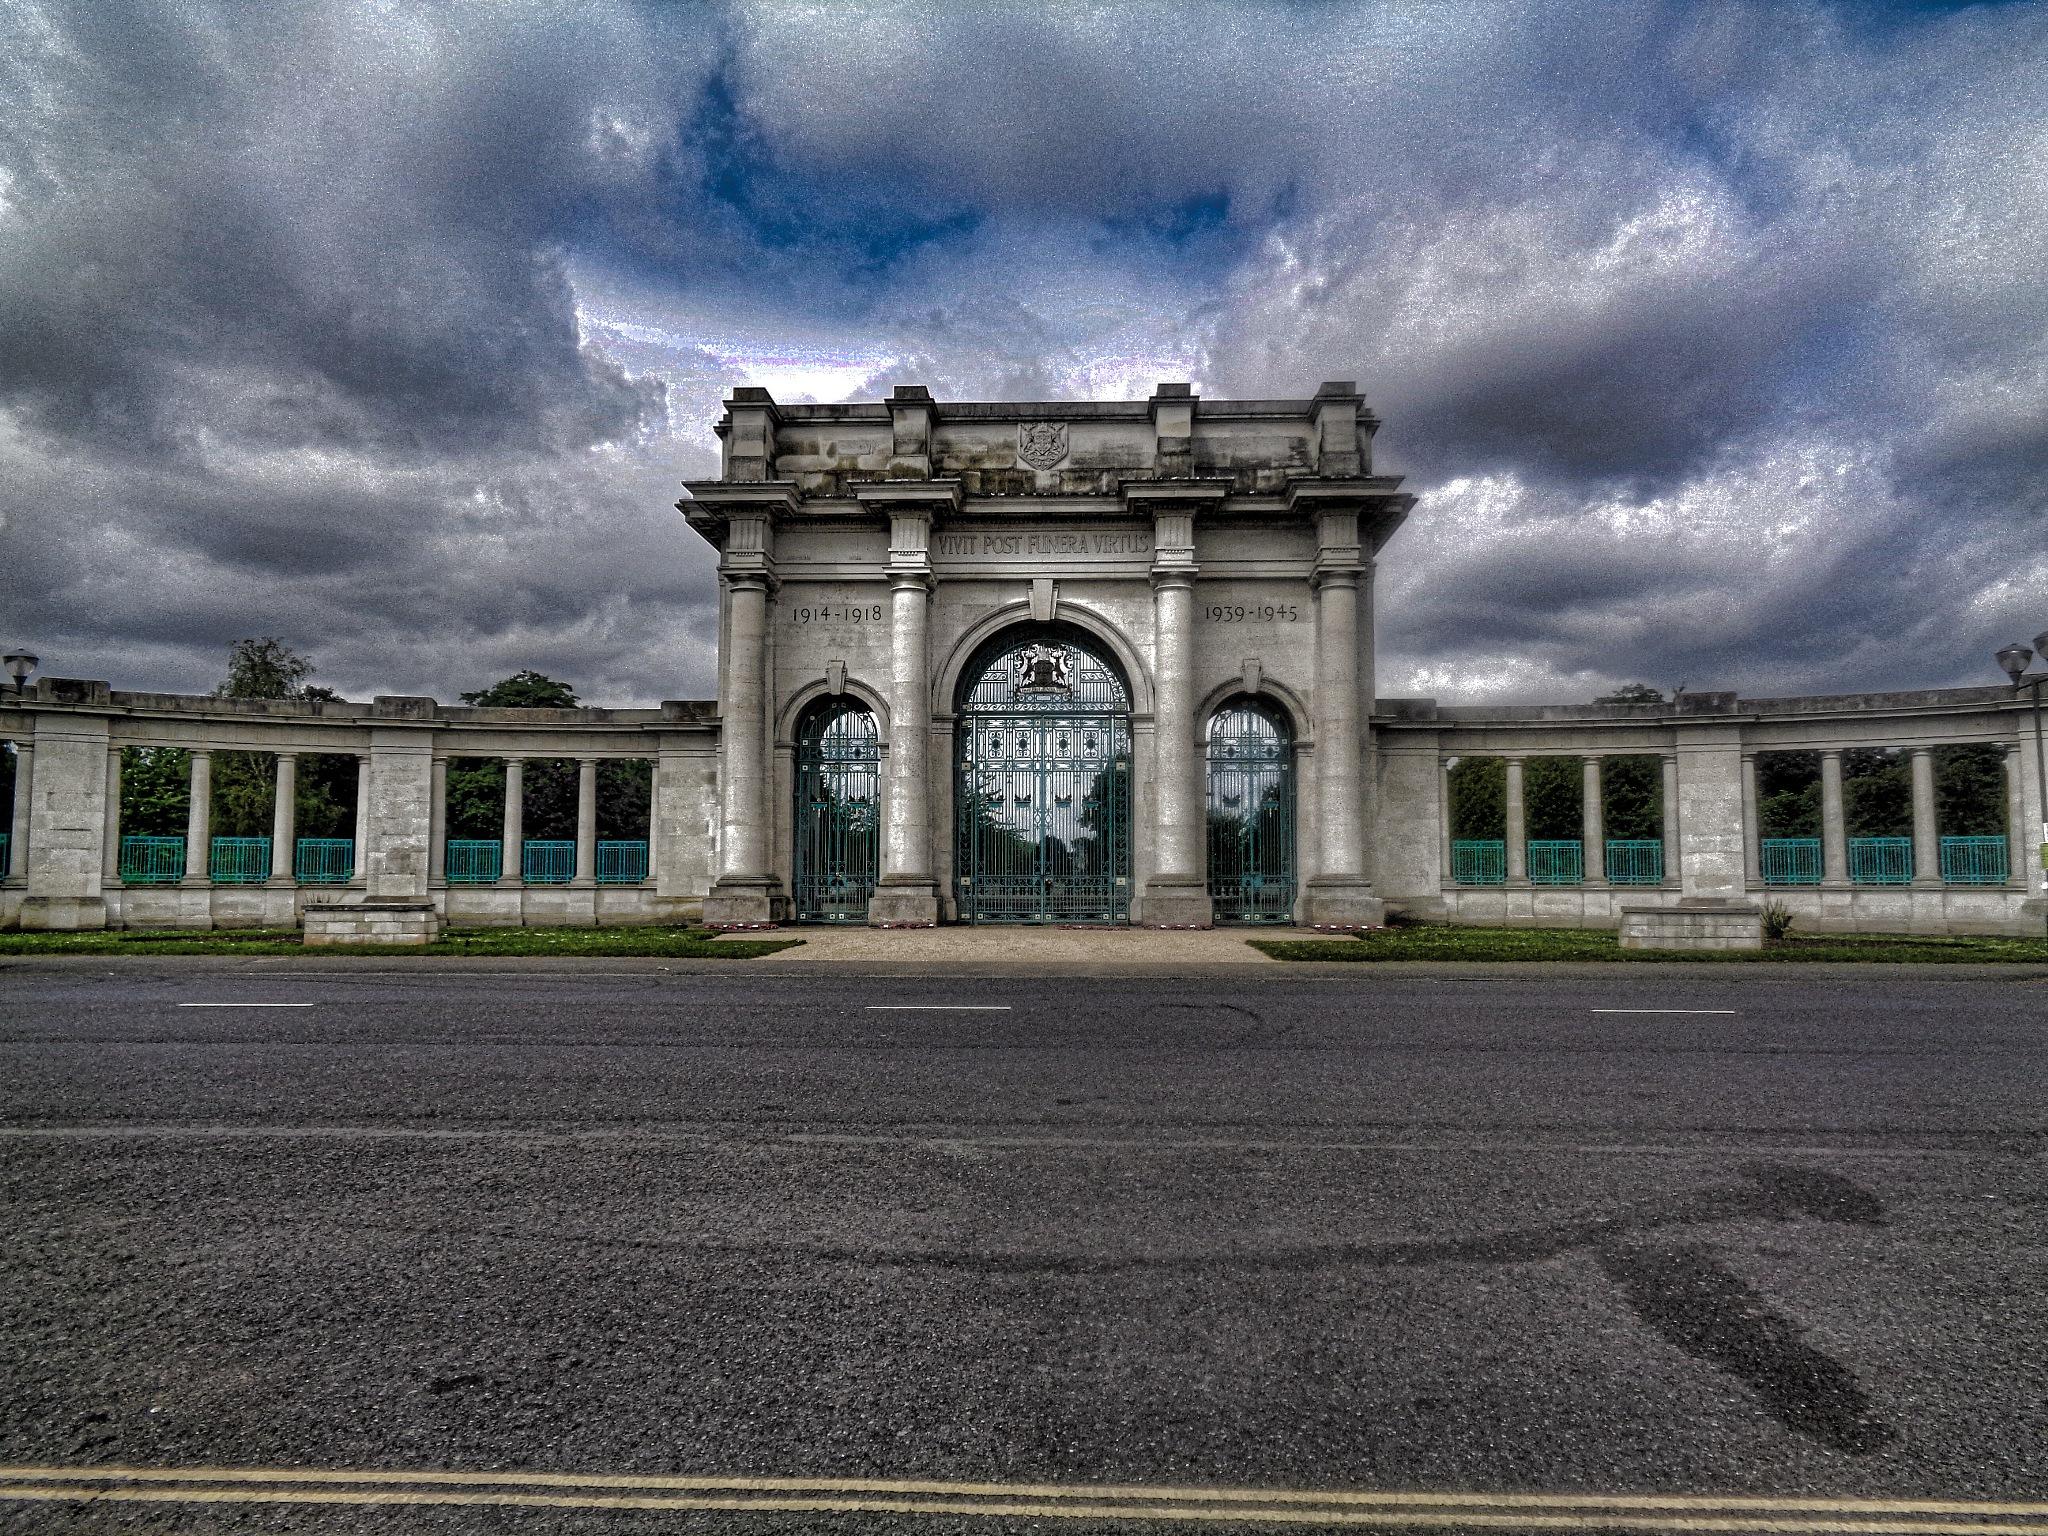 The Gateway by Simon Hill